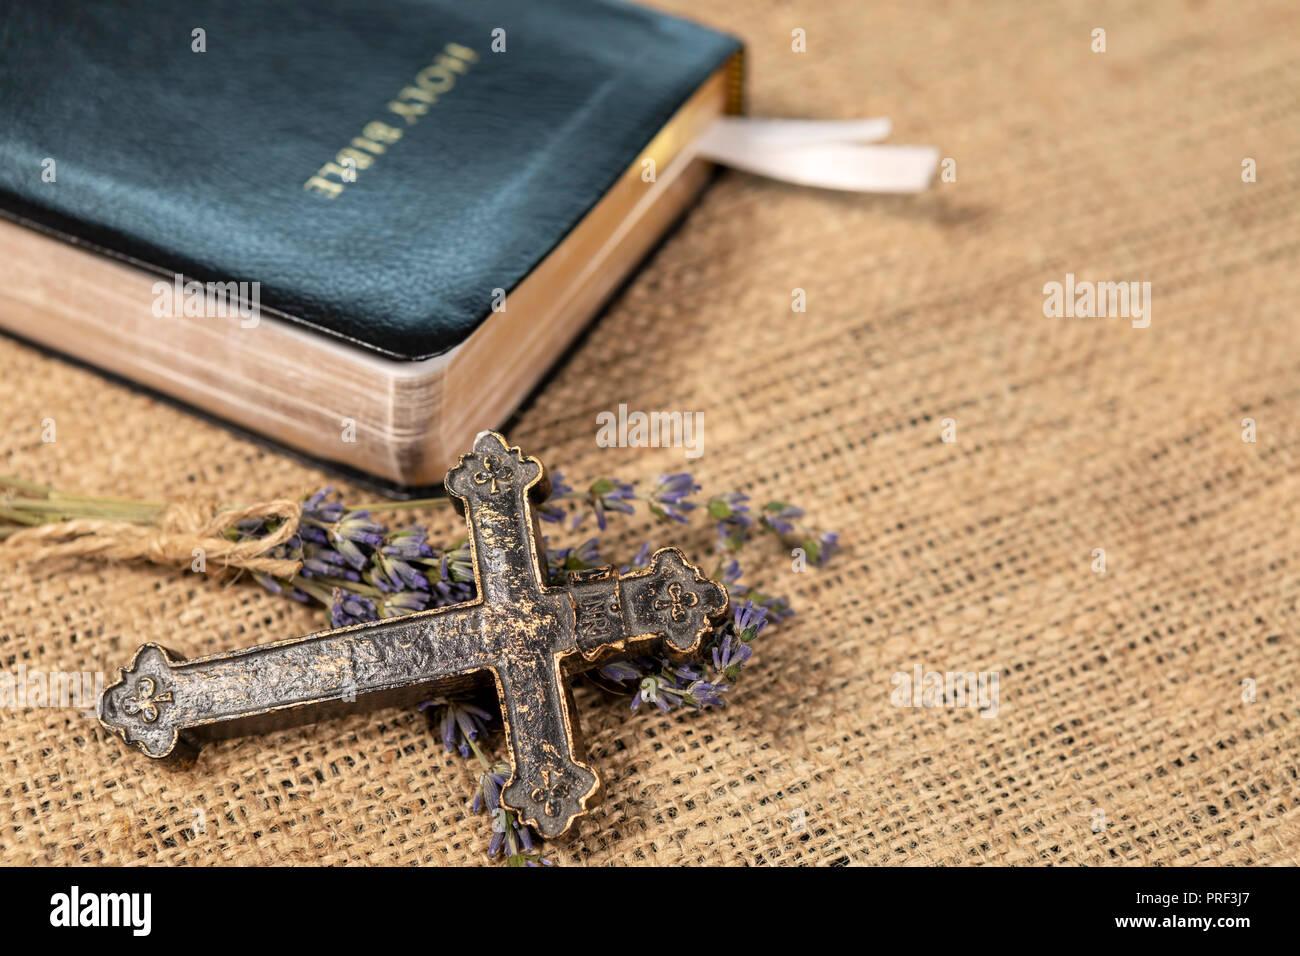 Primer plano de una cruz cristiana metálica sobre la lavanda flores junto a la Santa Biblia sobre fondo textil. Imagen De Stock